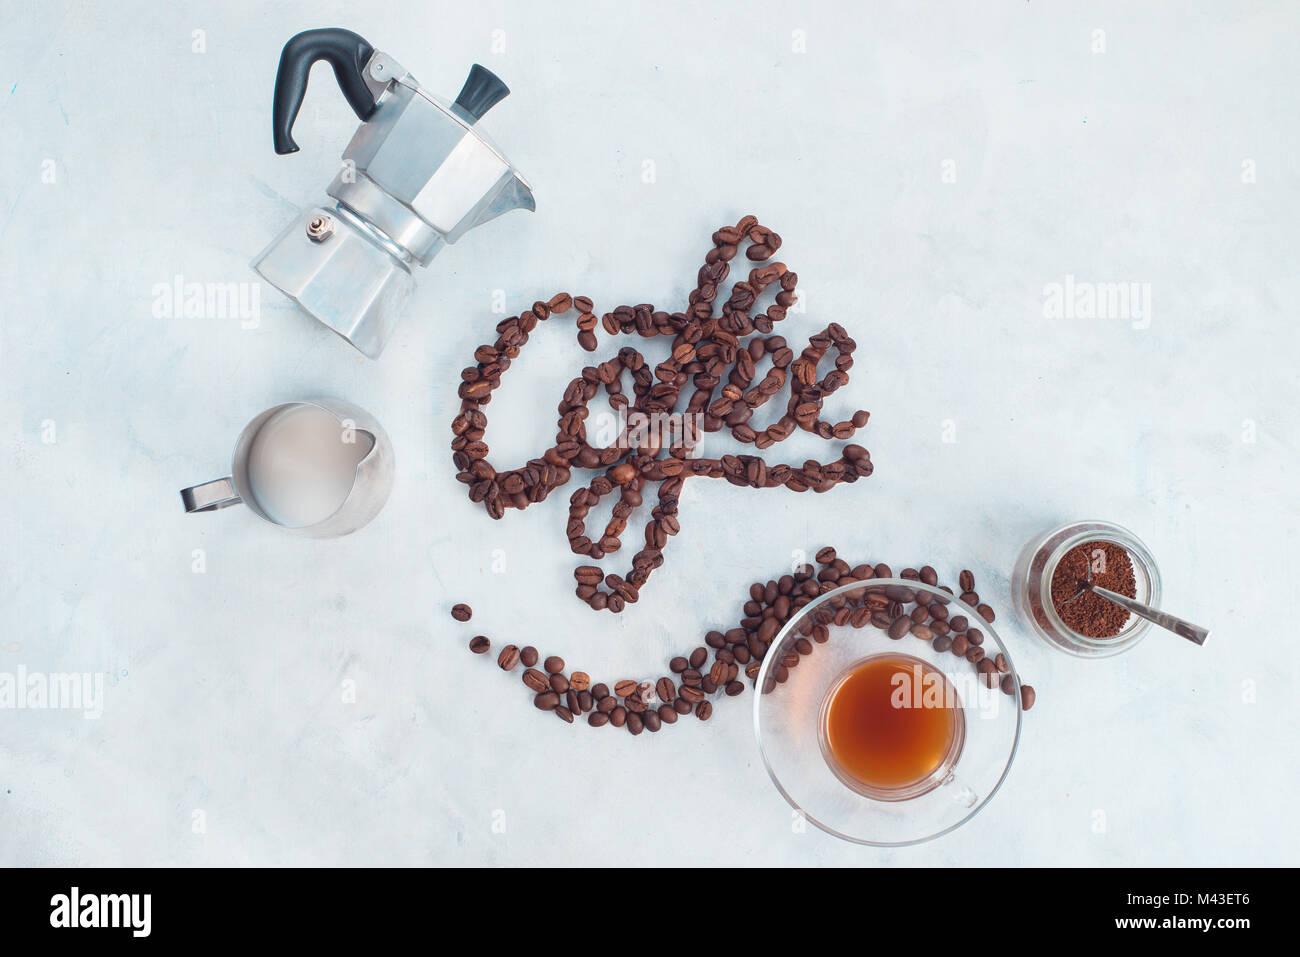 Lettering alimentare concetto. Parola caffè fatta con i chicchi di caffè. Elevato La chiave bere la fotografia Immagini Stock